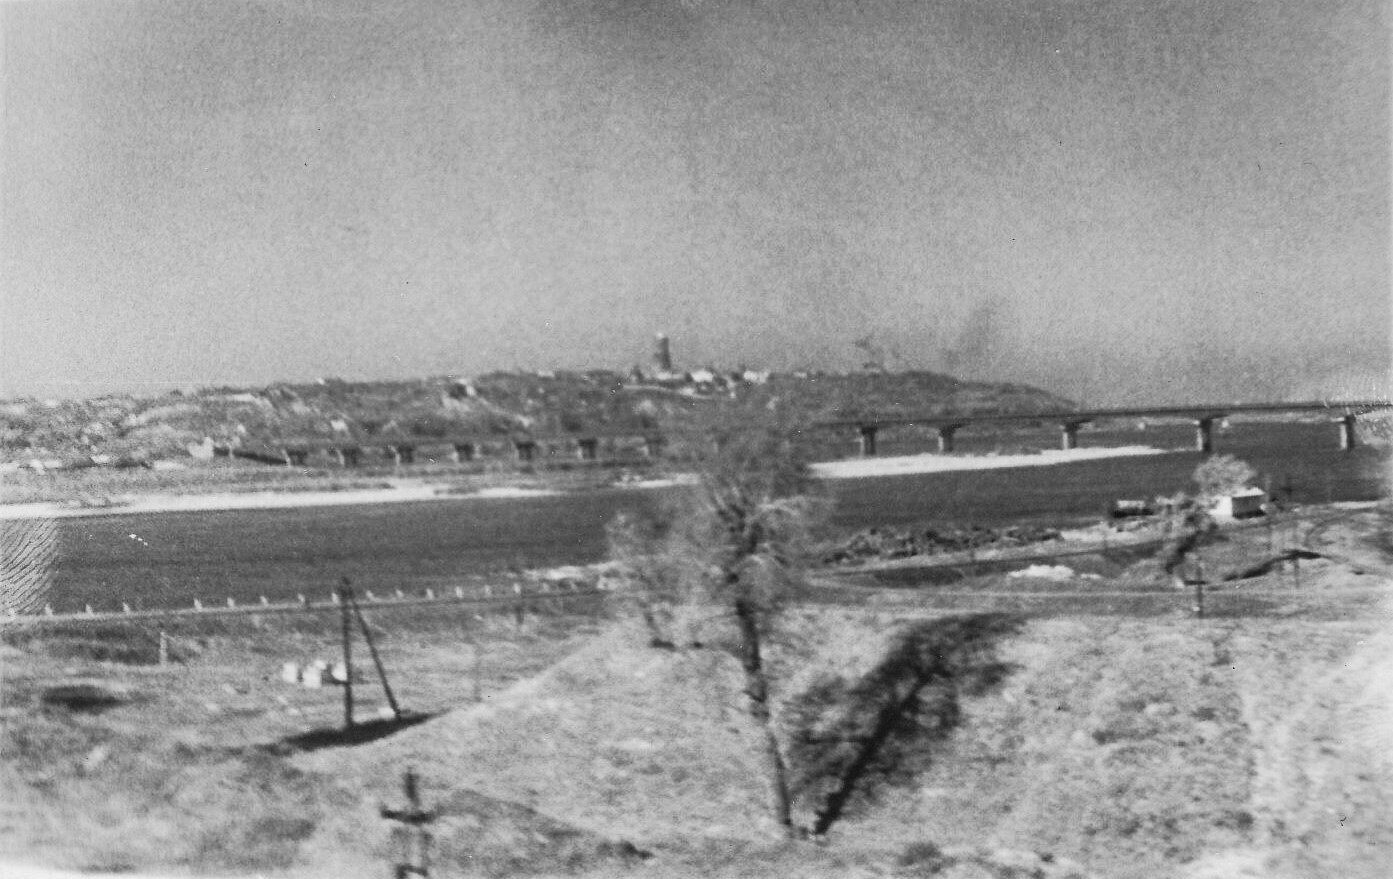 kuh slob 1957 - <b>Заради масового житла в Києві знищили десятки поселень.</b> Розповідаємо, як це було - Заборона